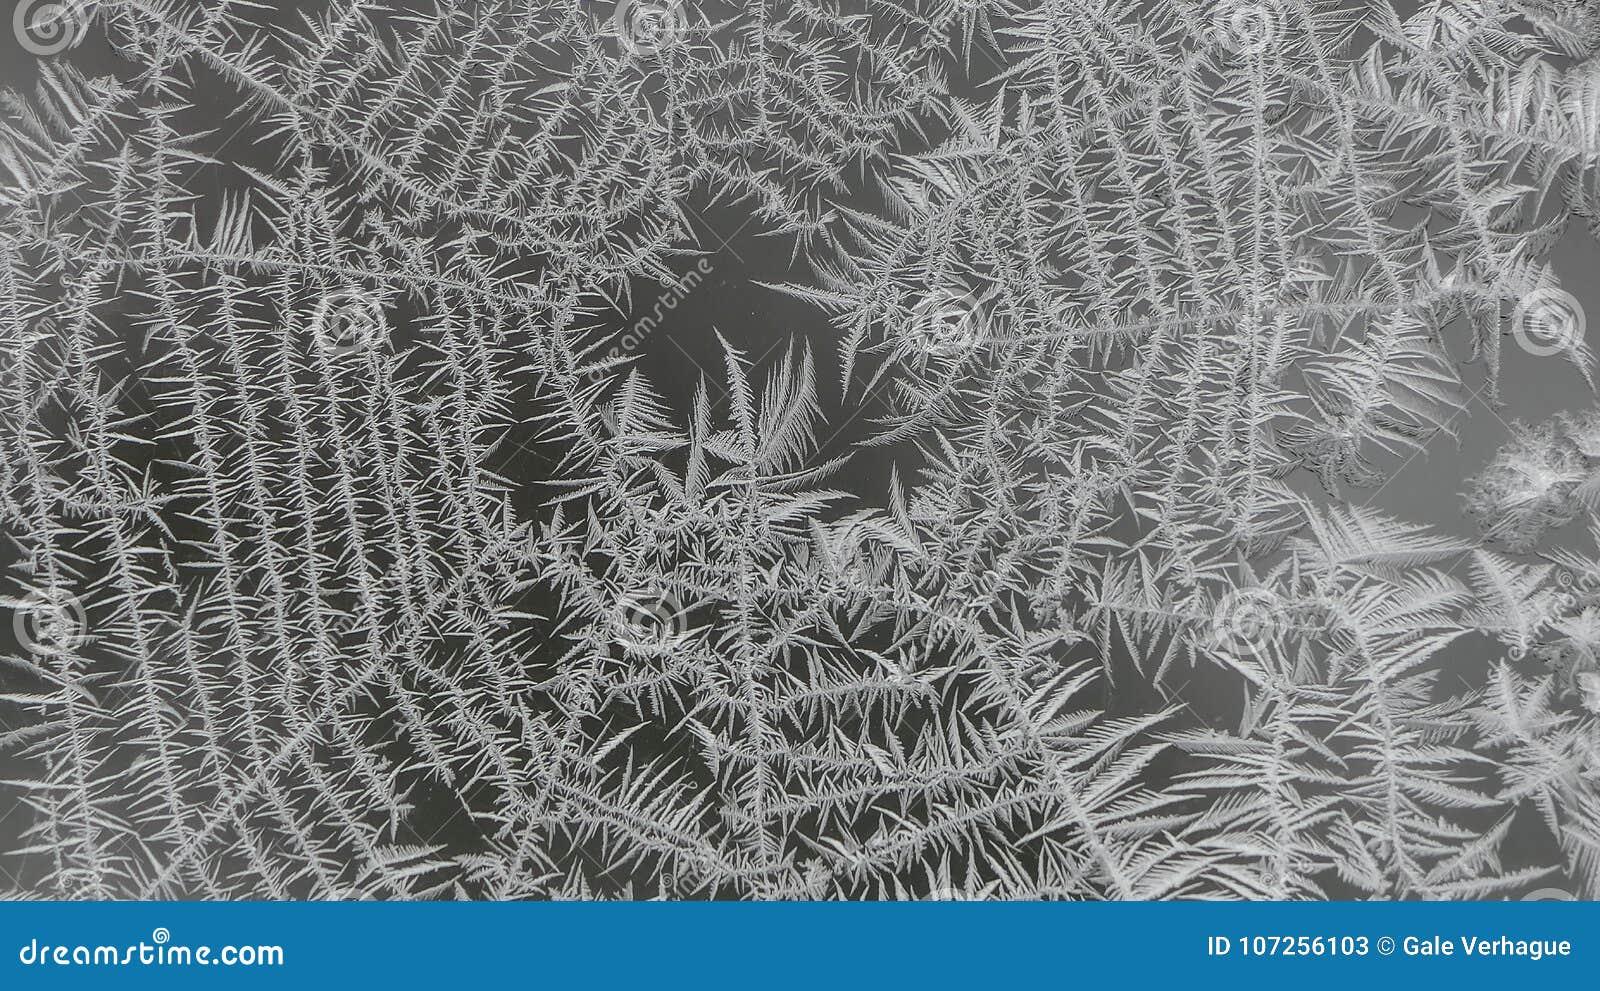 Bereiftes Spinnen-Netz auf einem Fenster